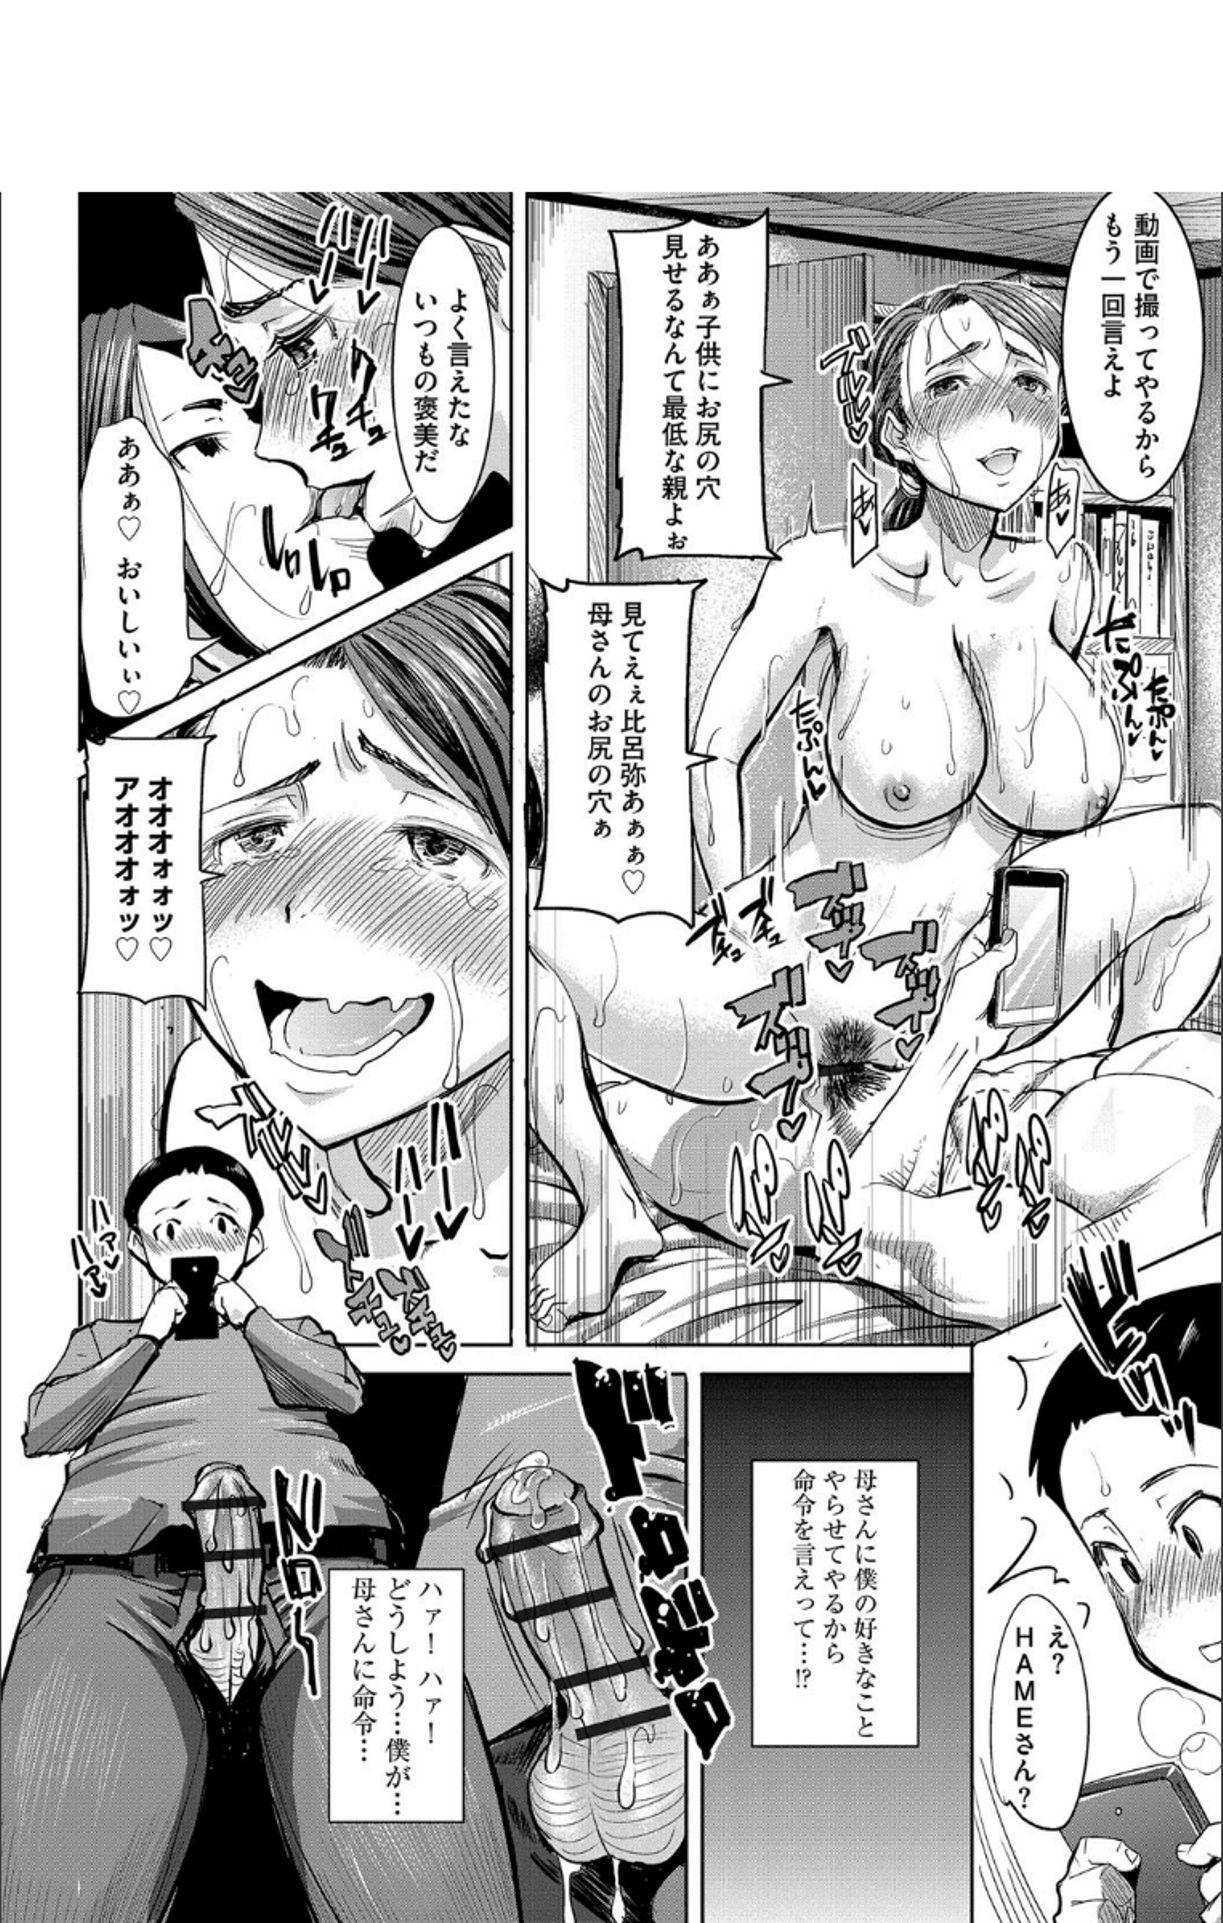 Boku no Kazoku o Sarashimasu + DMM Gentei Tokuten Paper 88